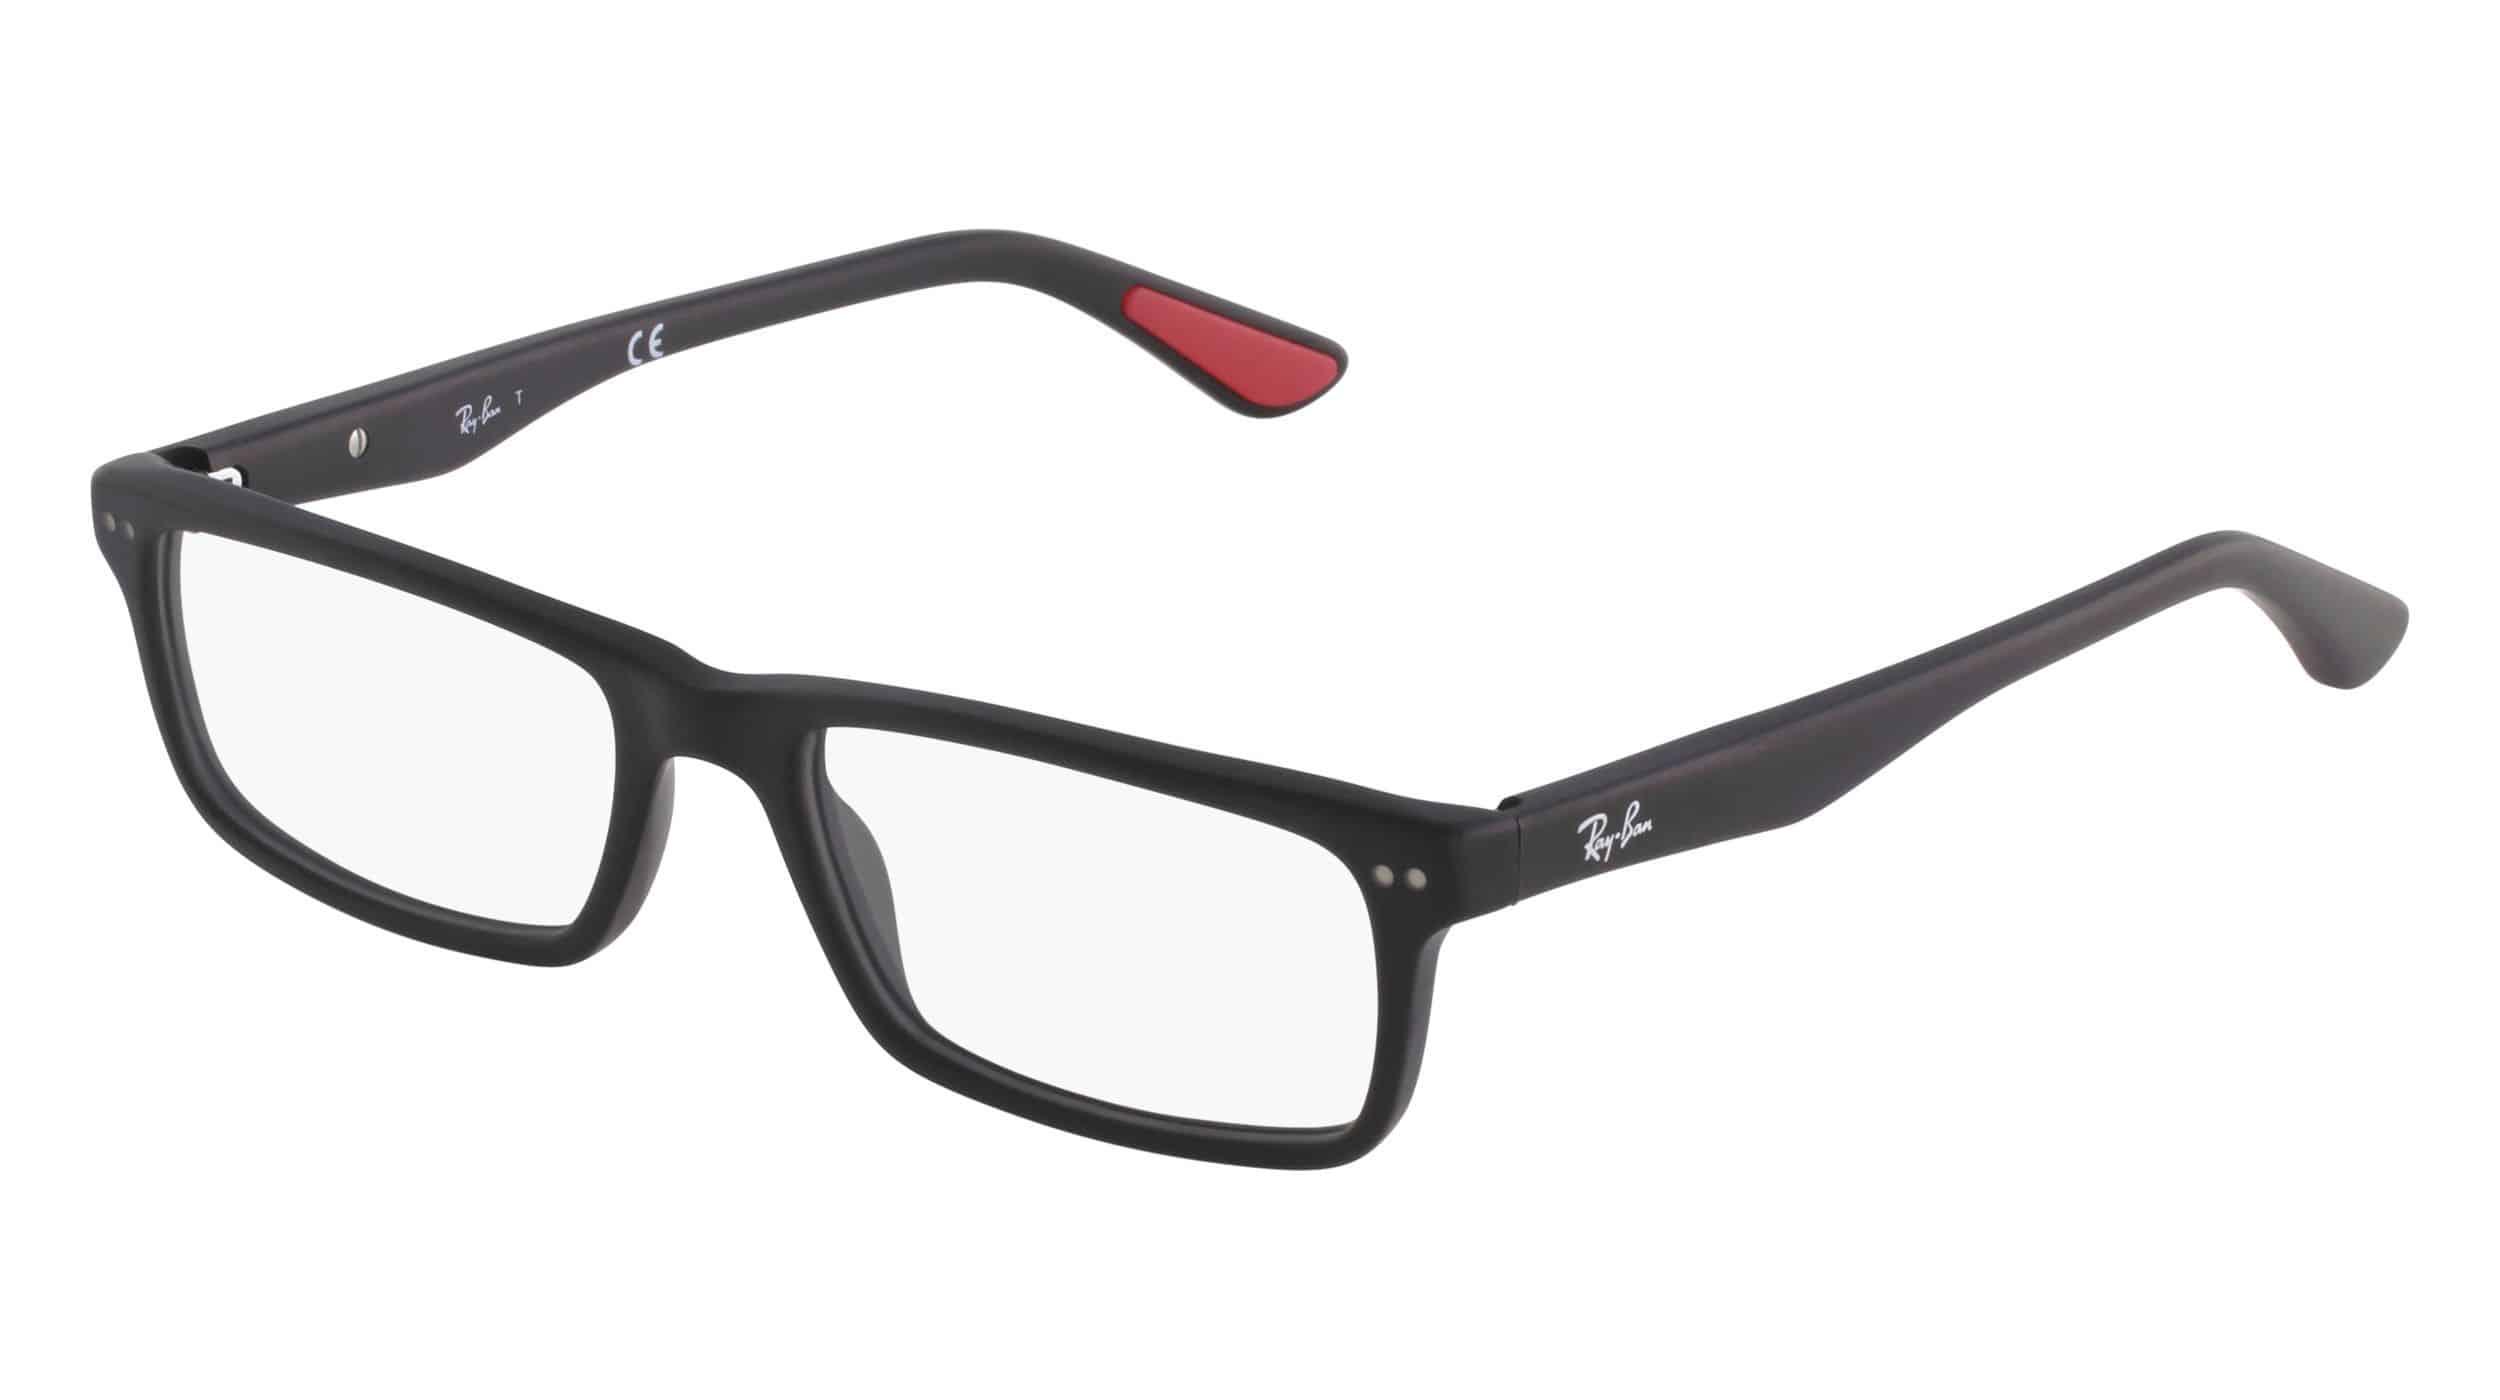 Lunettes de vue: accessoire ou dispositif médical ?